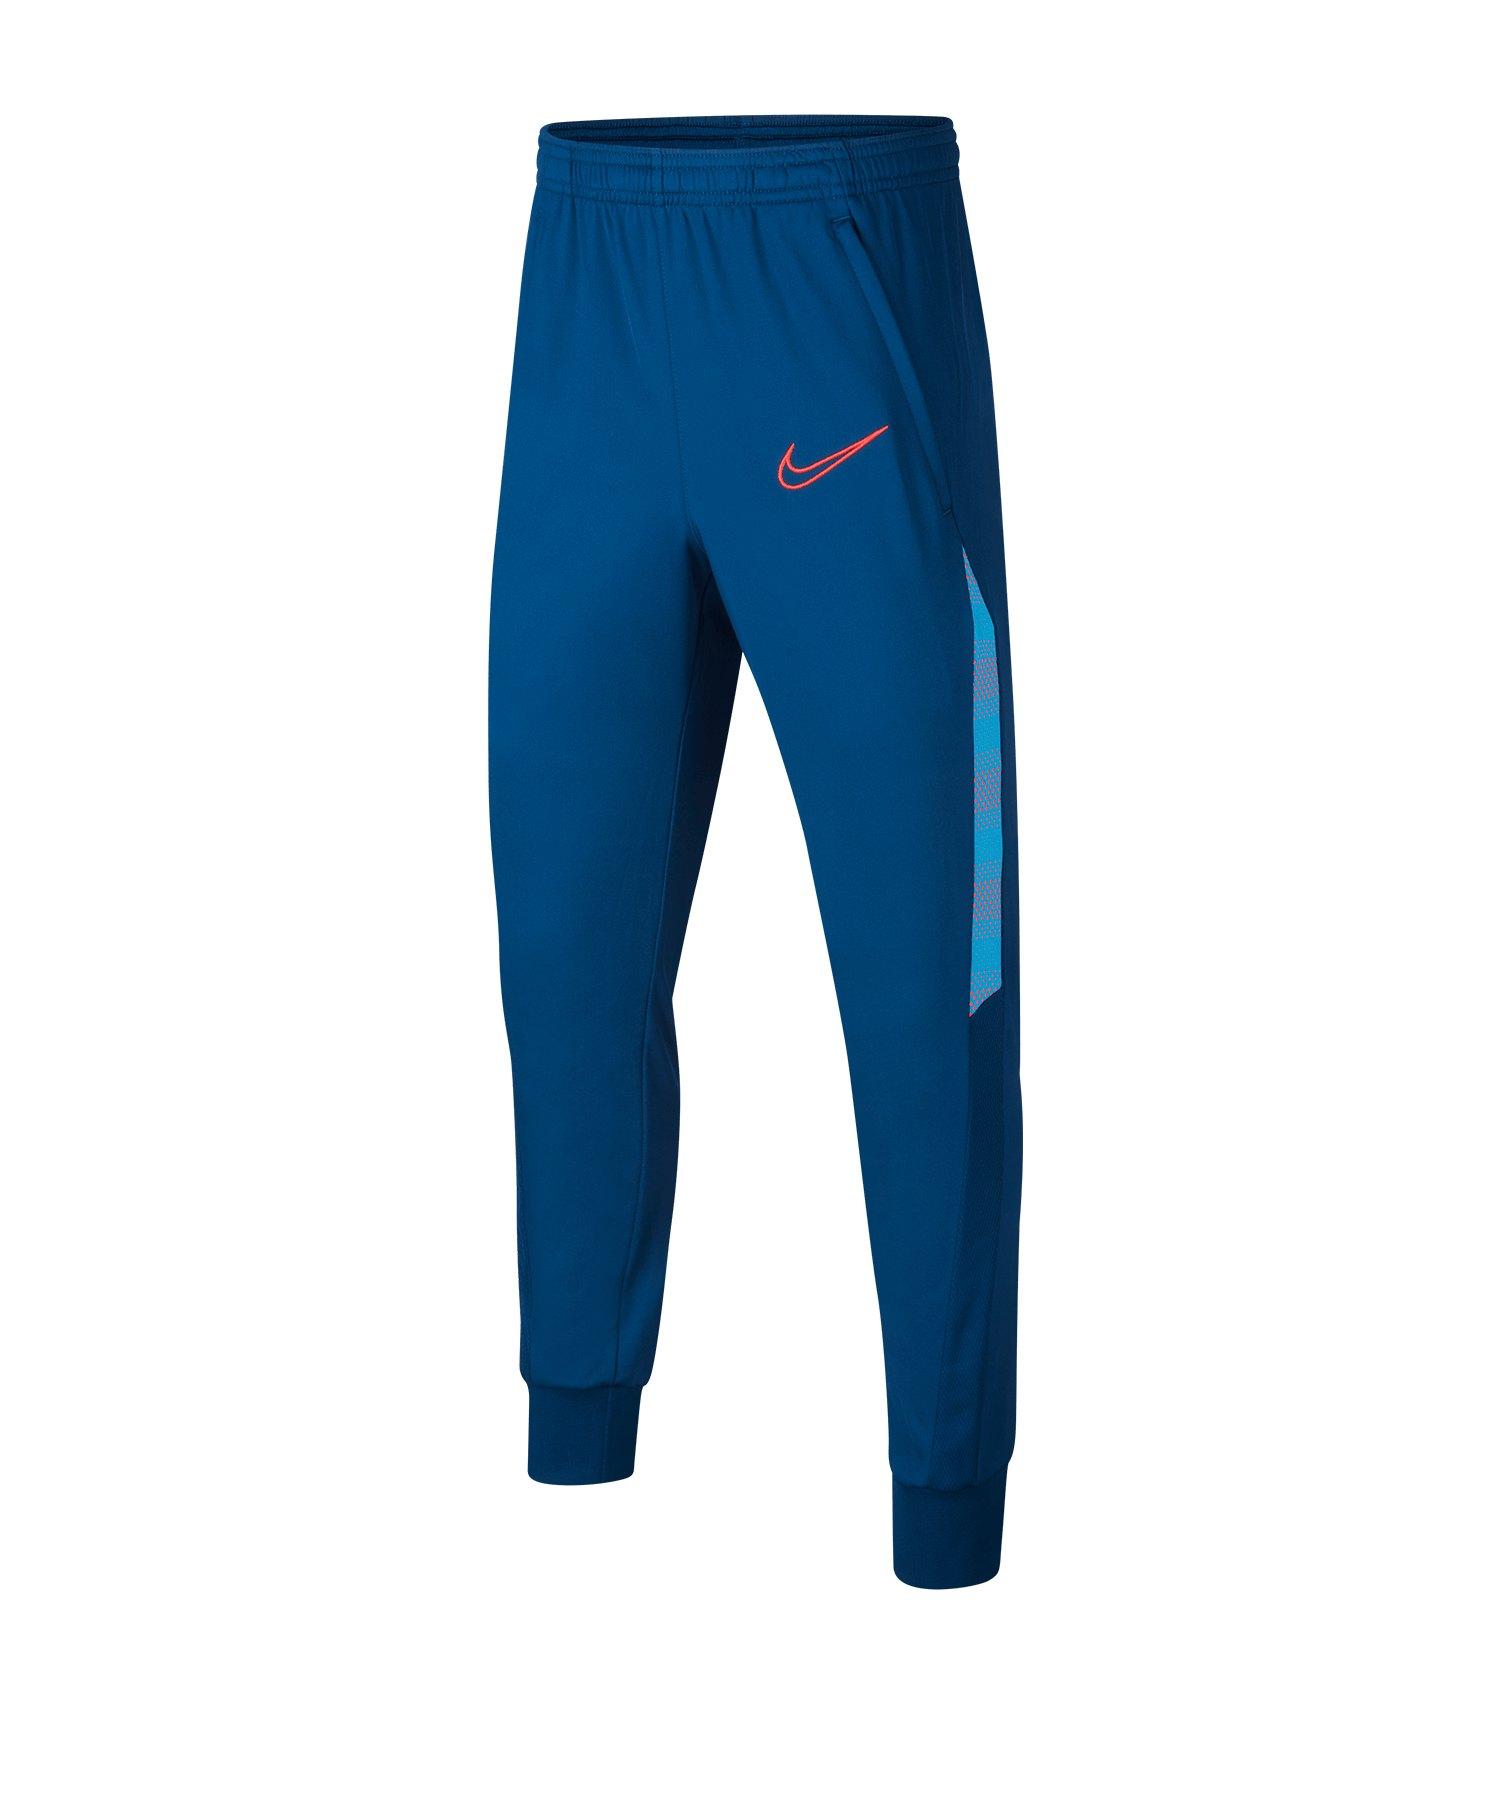 Nike Academy Trainingshose Kids Blau F432 - blau